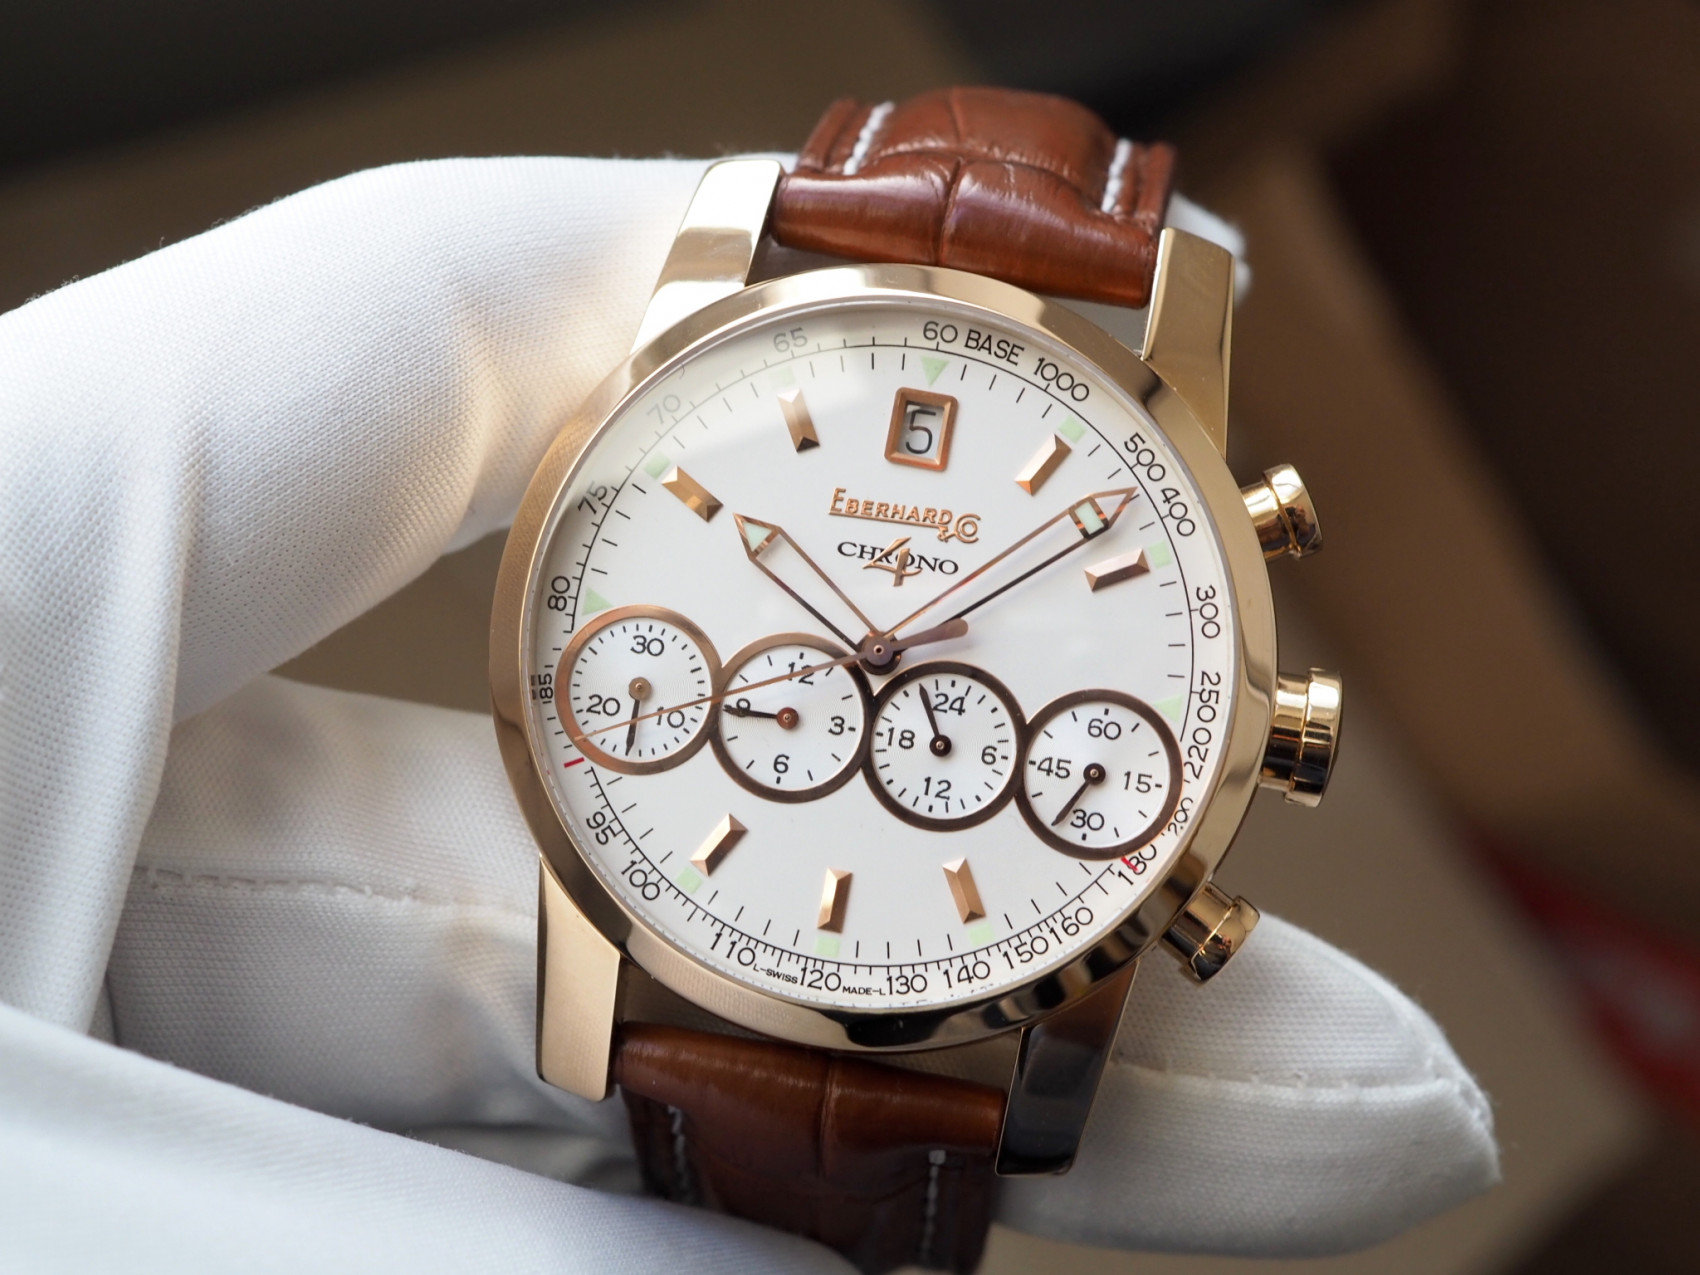 Eberhard продать часы купчино скупка 24 часа